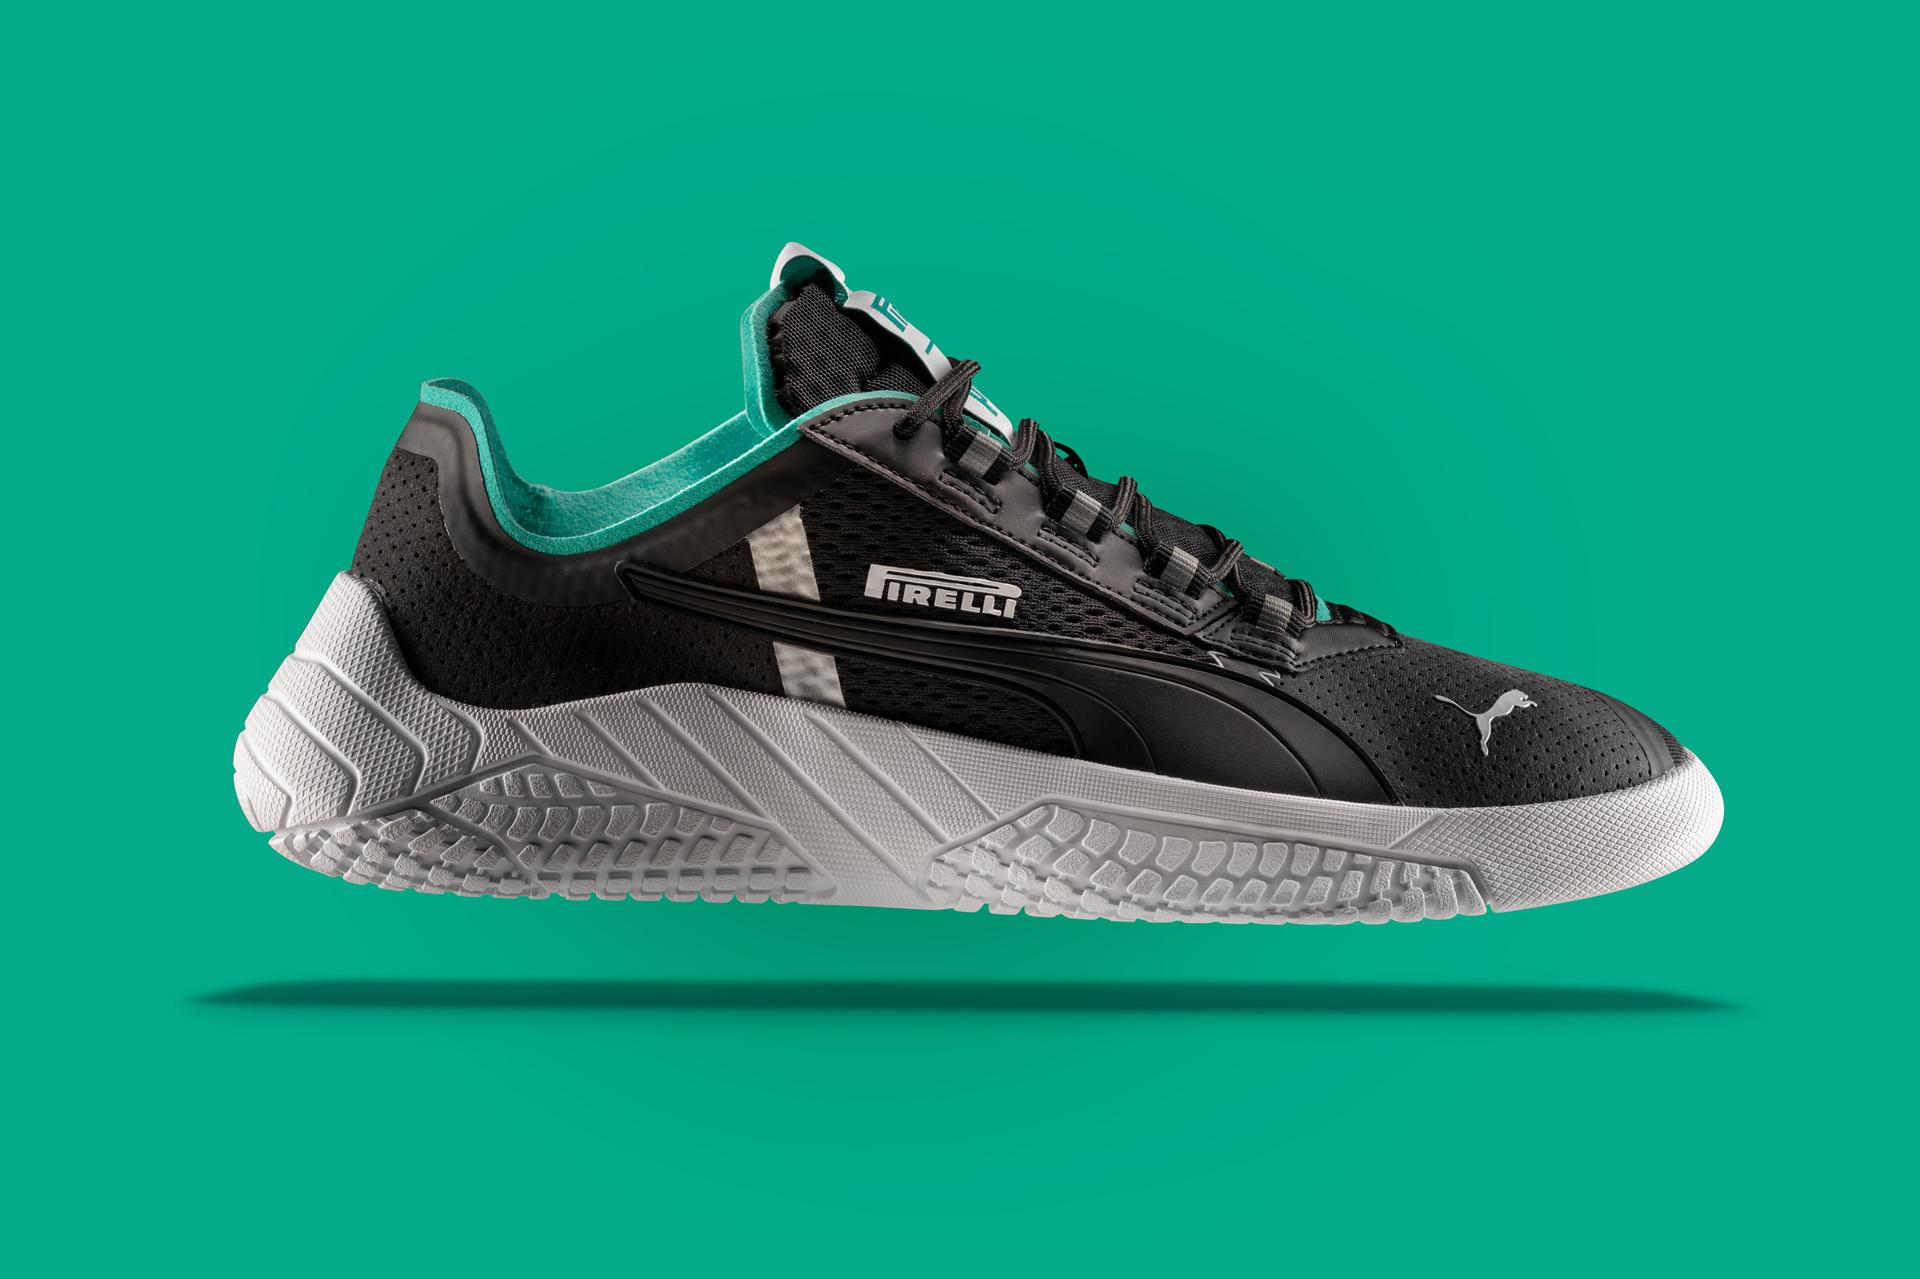 Puma_Sneakers_01.jpg